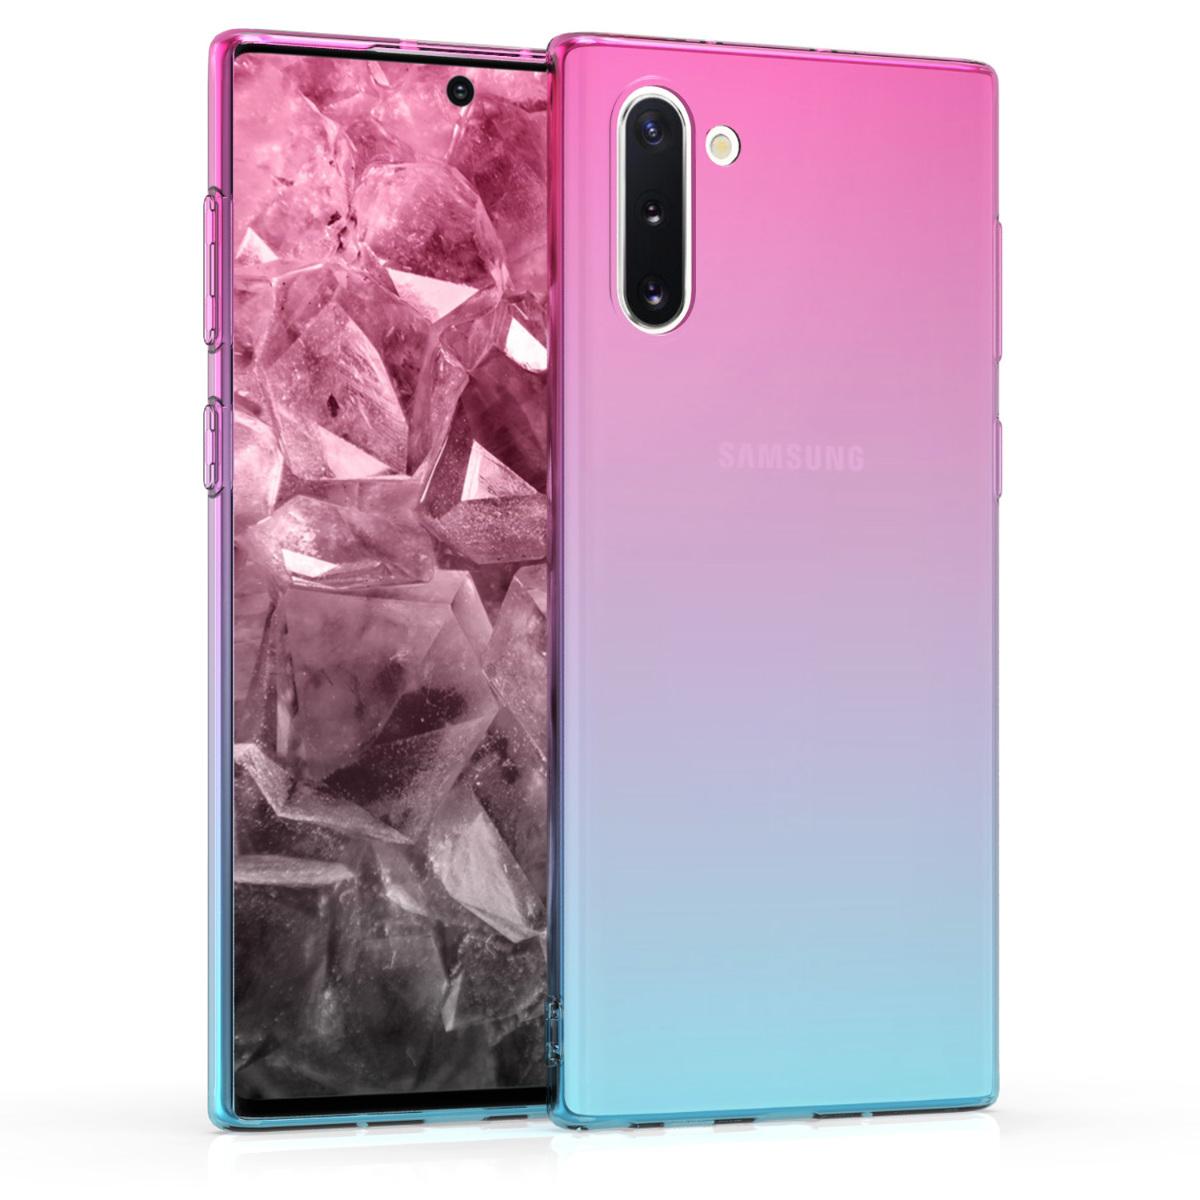 KW Θήκη Σιλικόνης Samsung Galaxy Note 10 - Dark Pink / Blue / Transparent (50108.01)